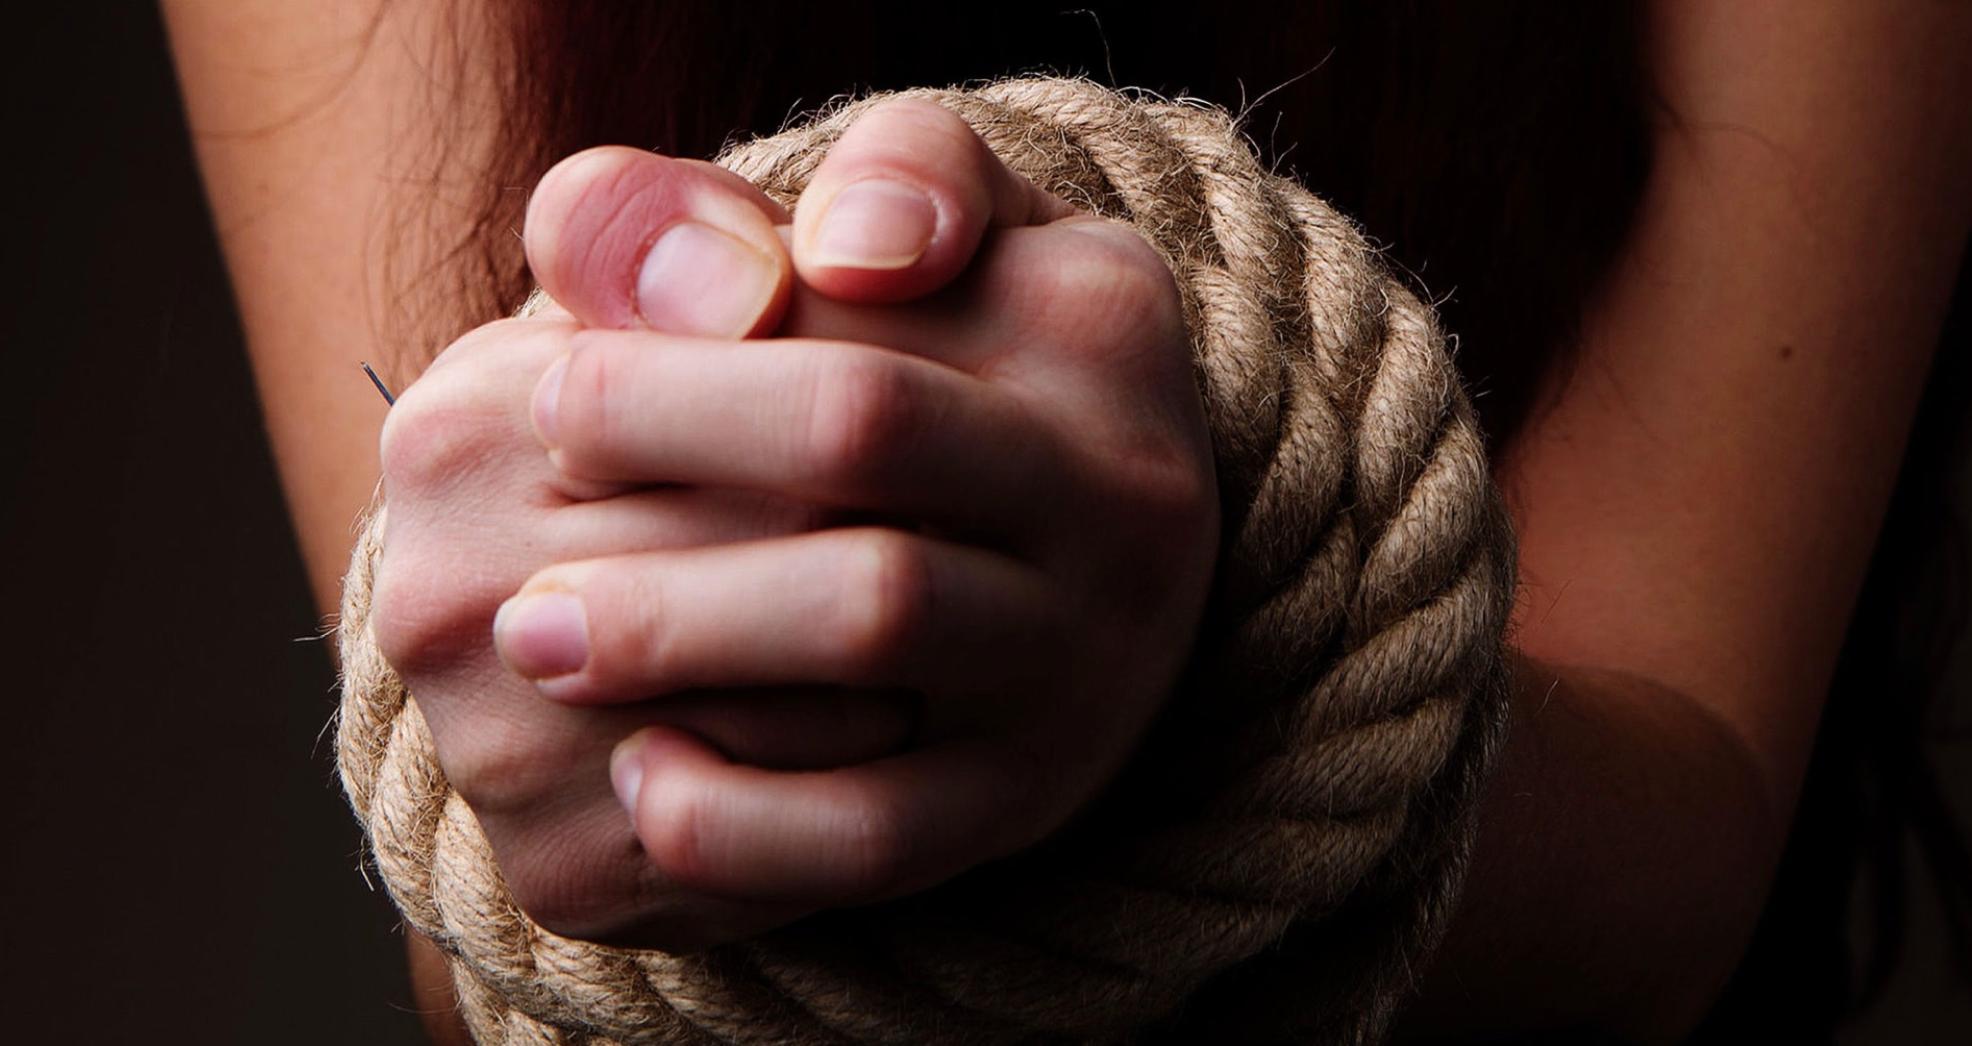 Prévention suisse de la Criminalité : La traite des êtres humains